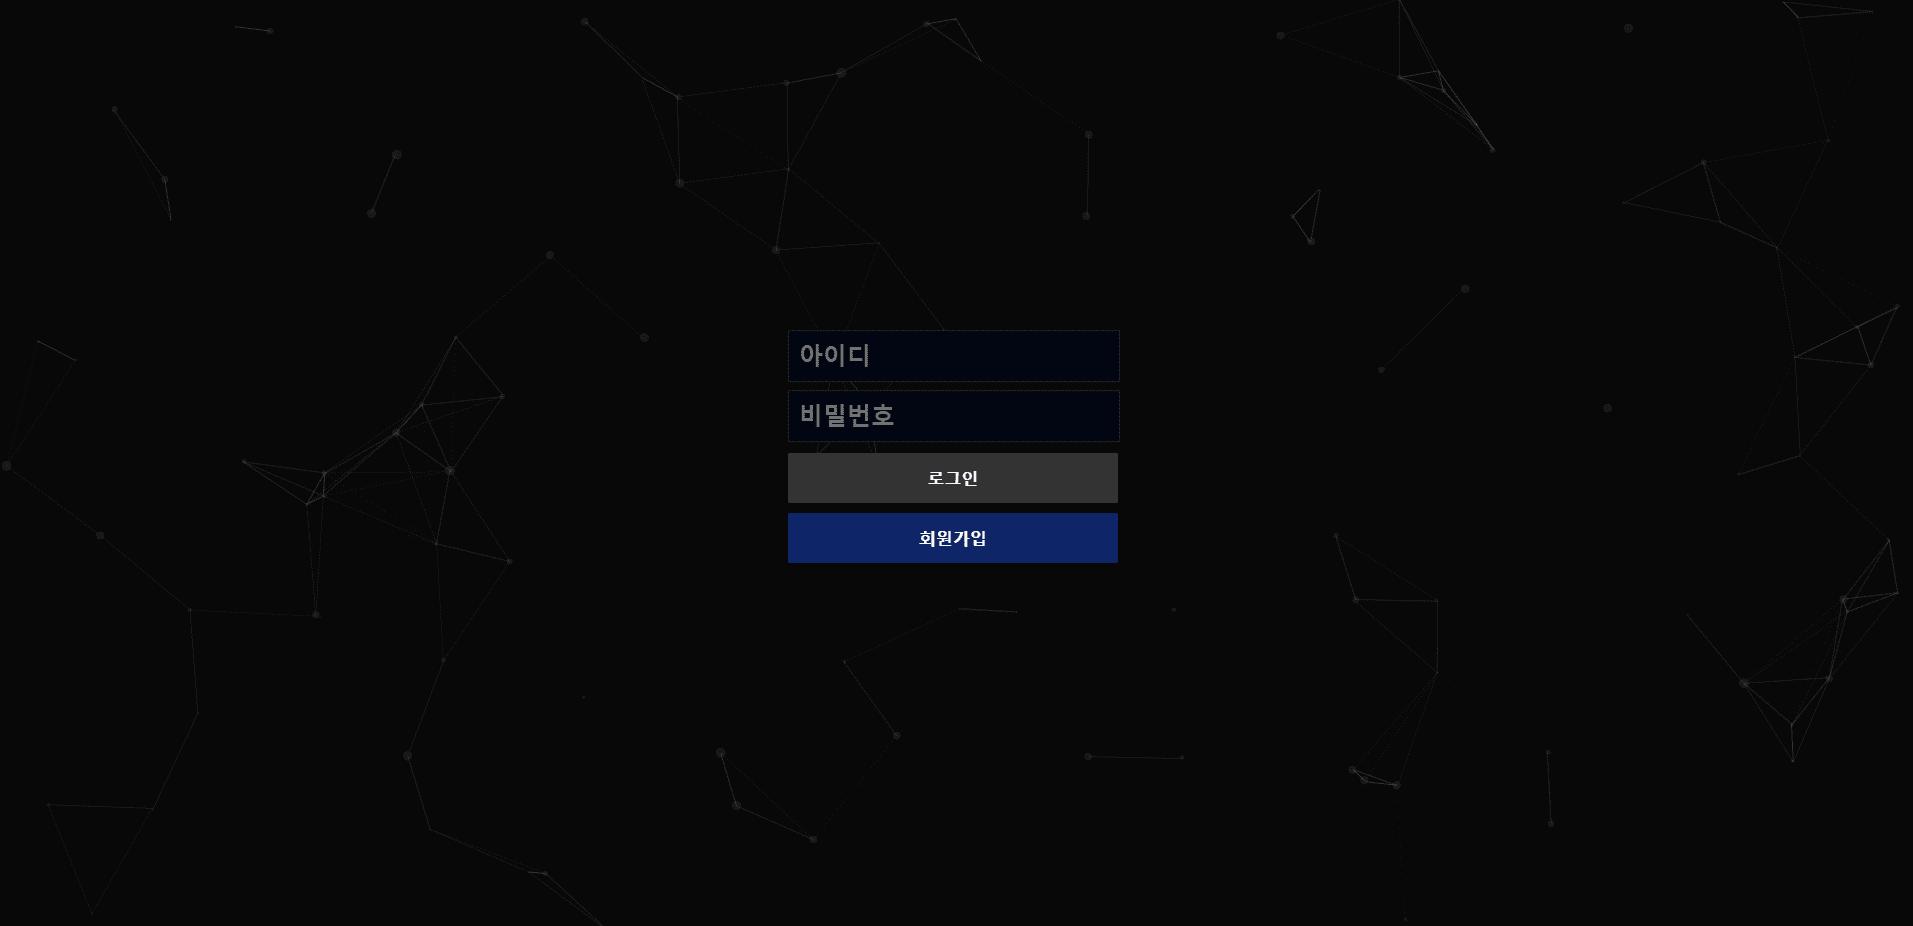 [먹튀검증]돈킹(Donking) voc-tron.com 먹튀사이트확정 토토사이트 먹튀검증업체 토토안내소